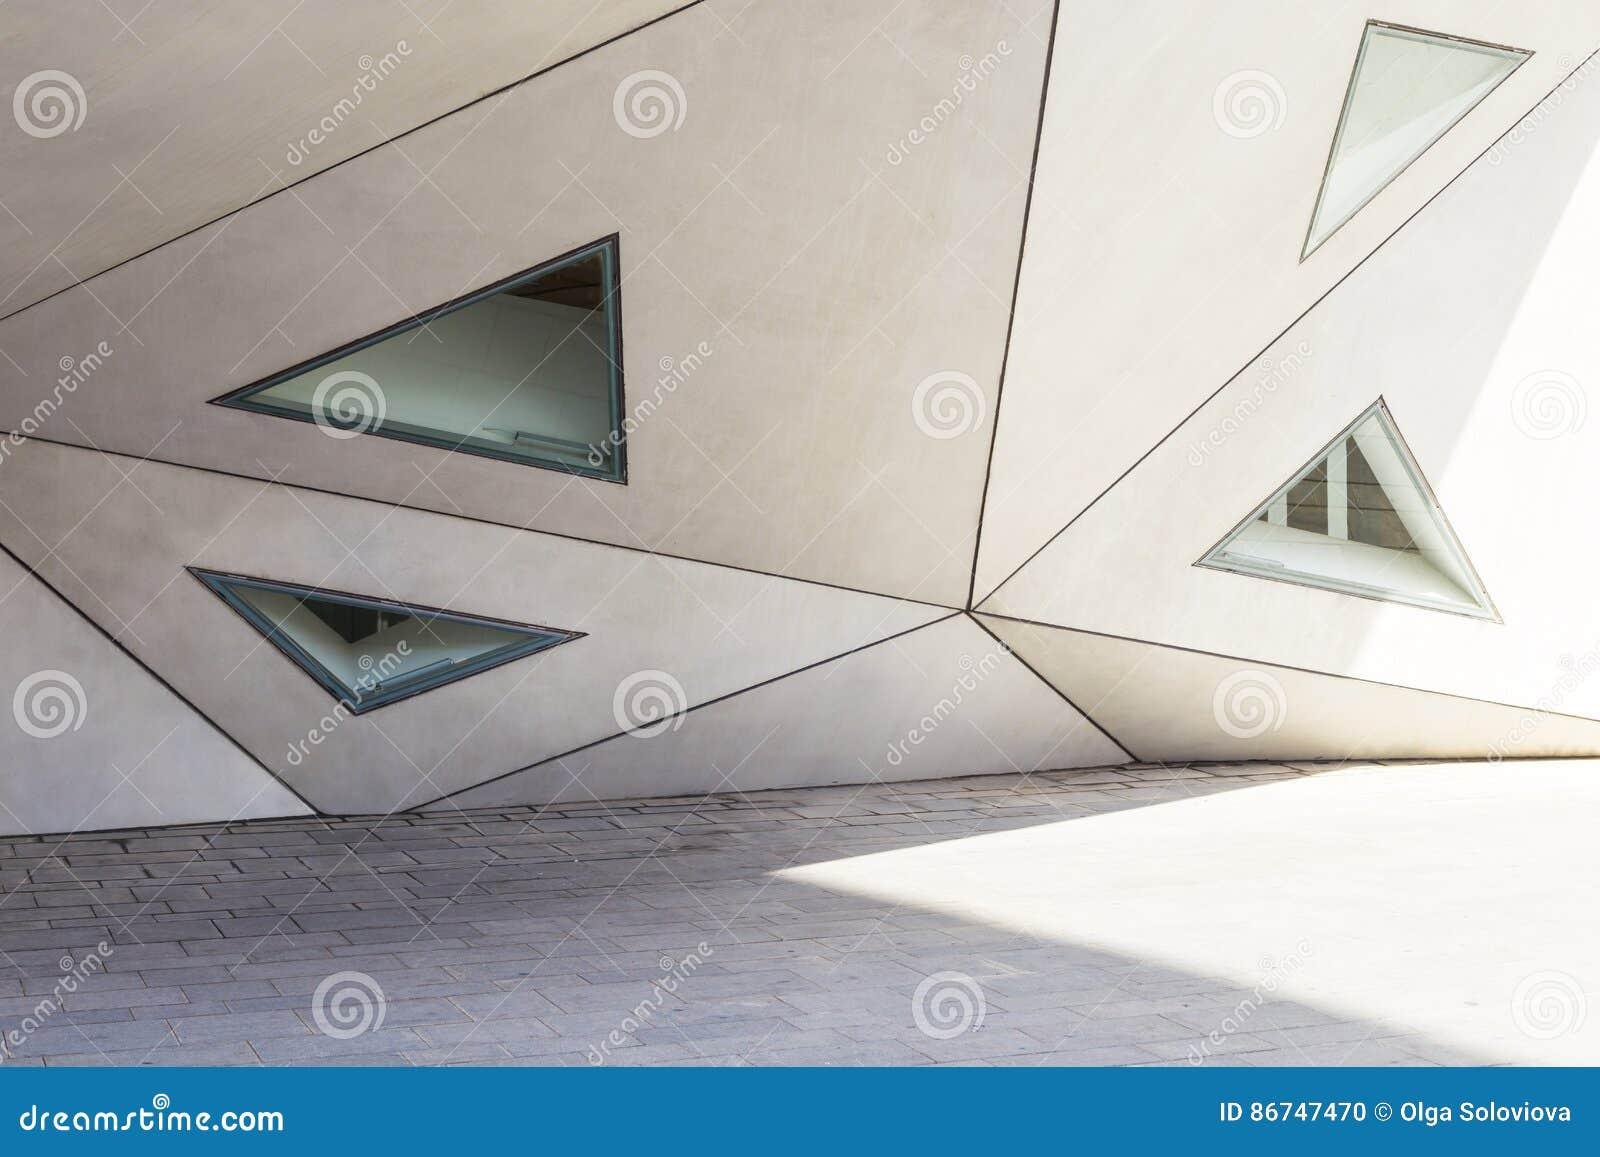 Geometrie in der Architektur, Teil der Fassade des Gebäudes, tr